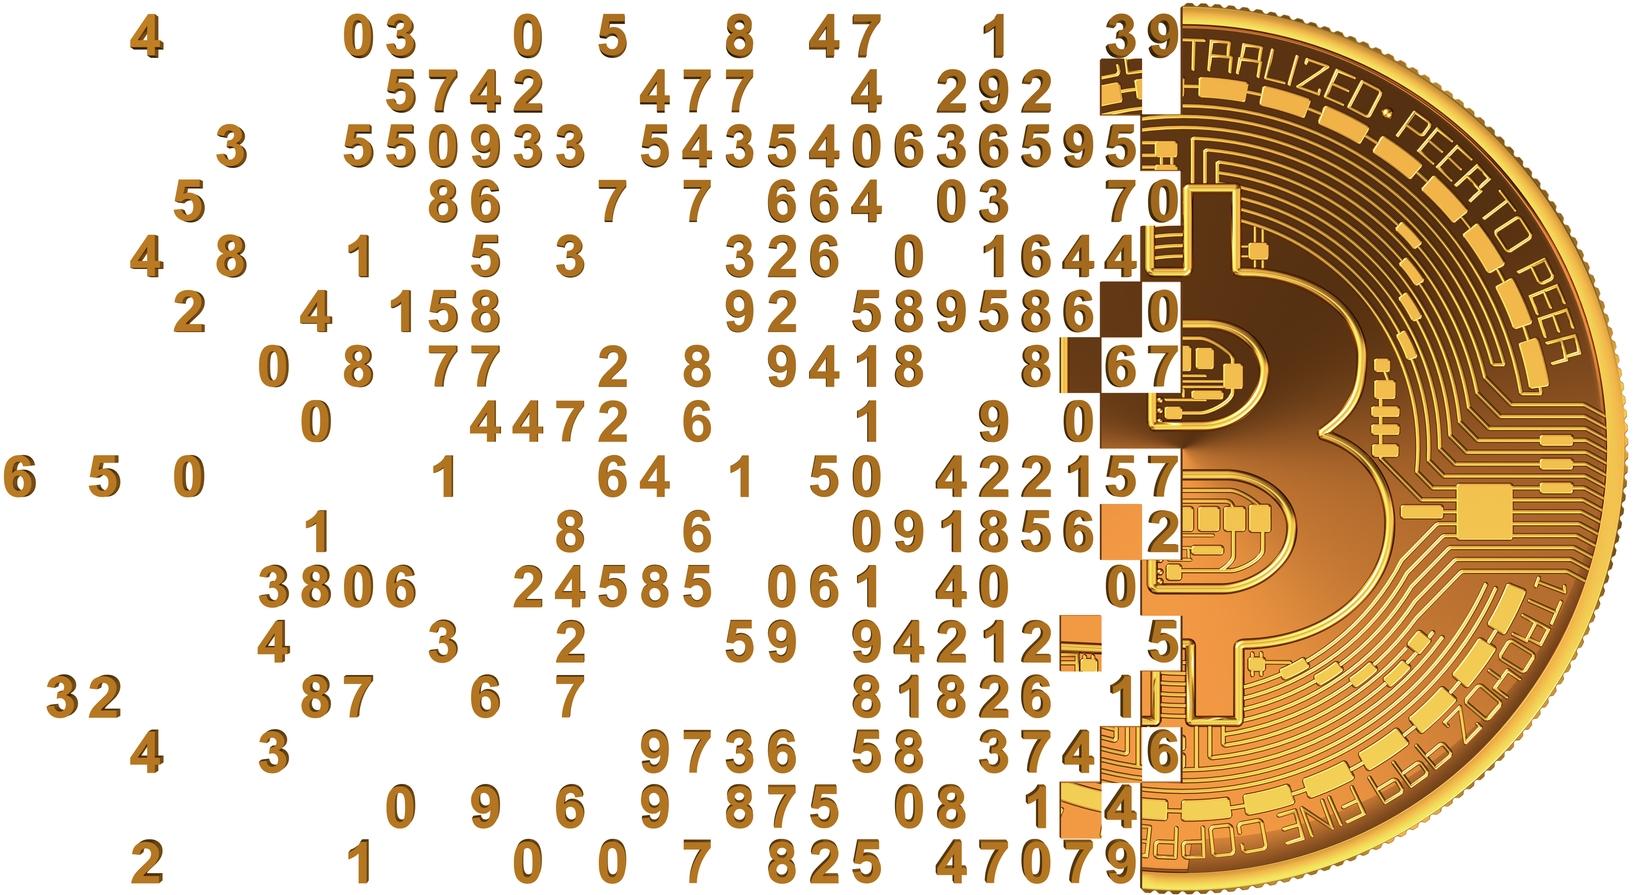 Как проводится подтверждение транзакции Биткоинов